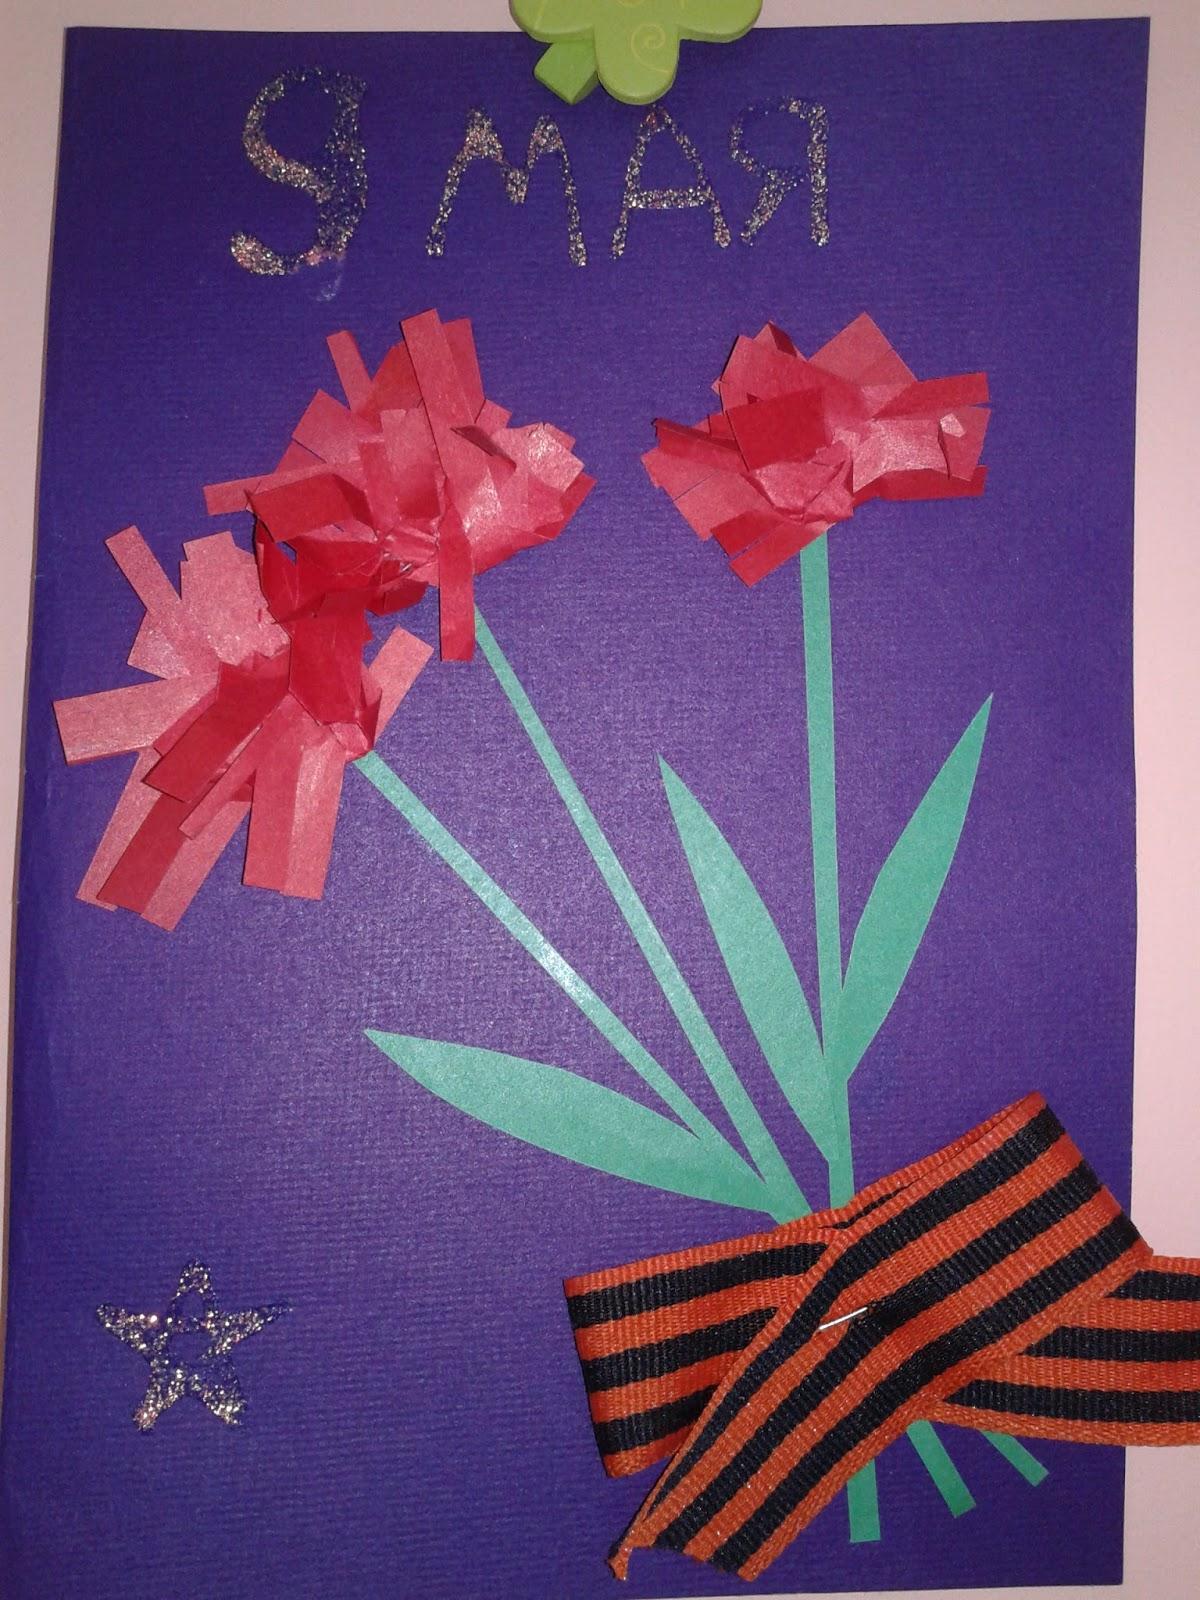 Оптом, открытка своими руками на день победы 9 мая в детском саду